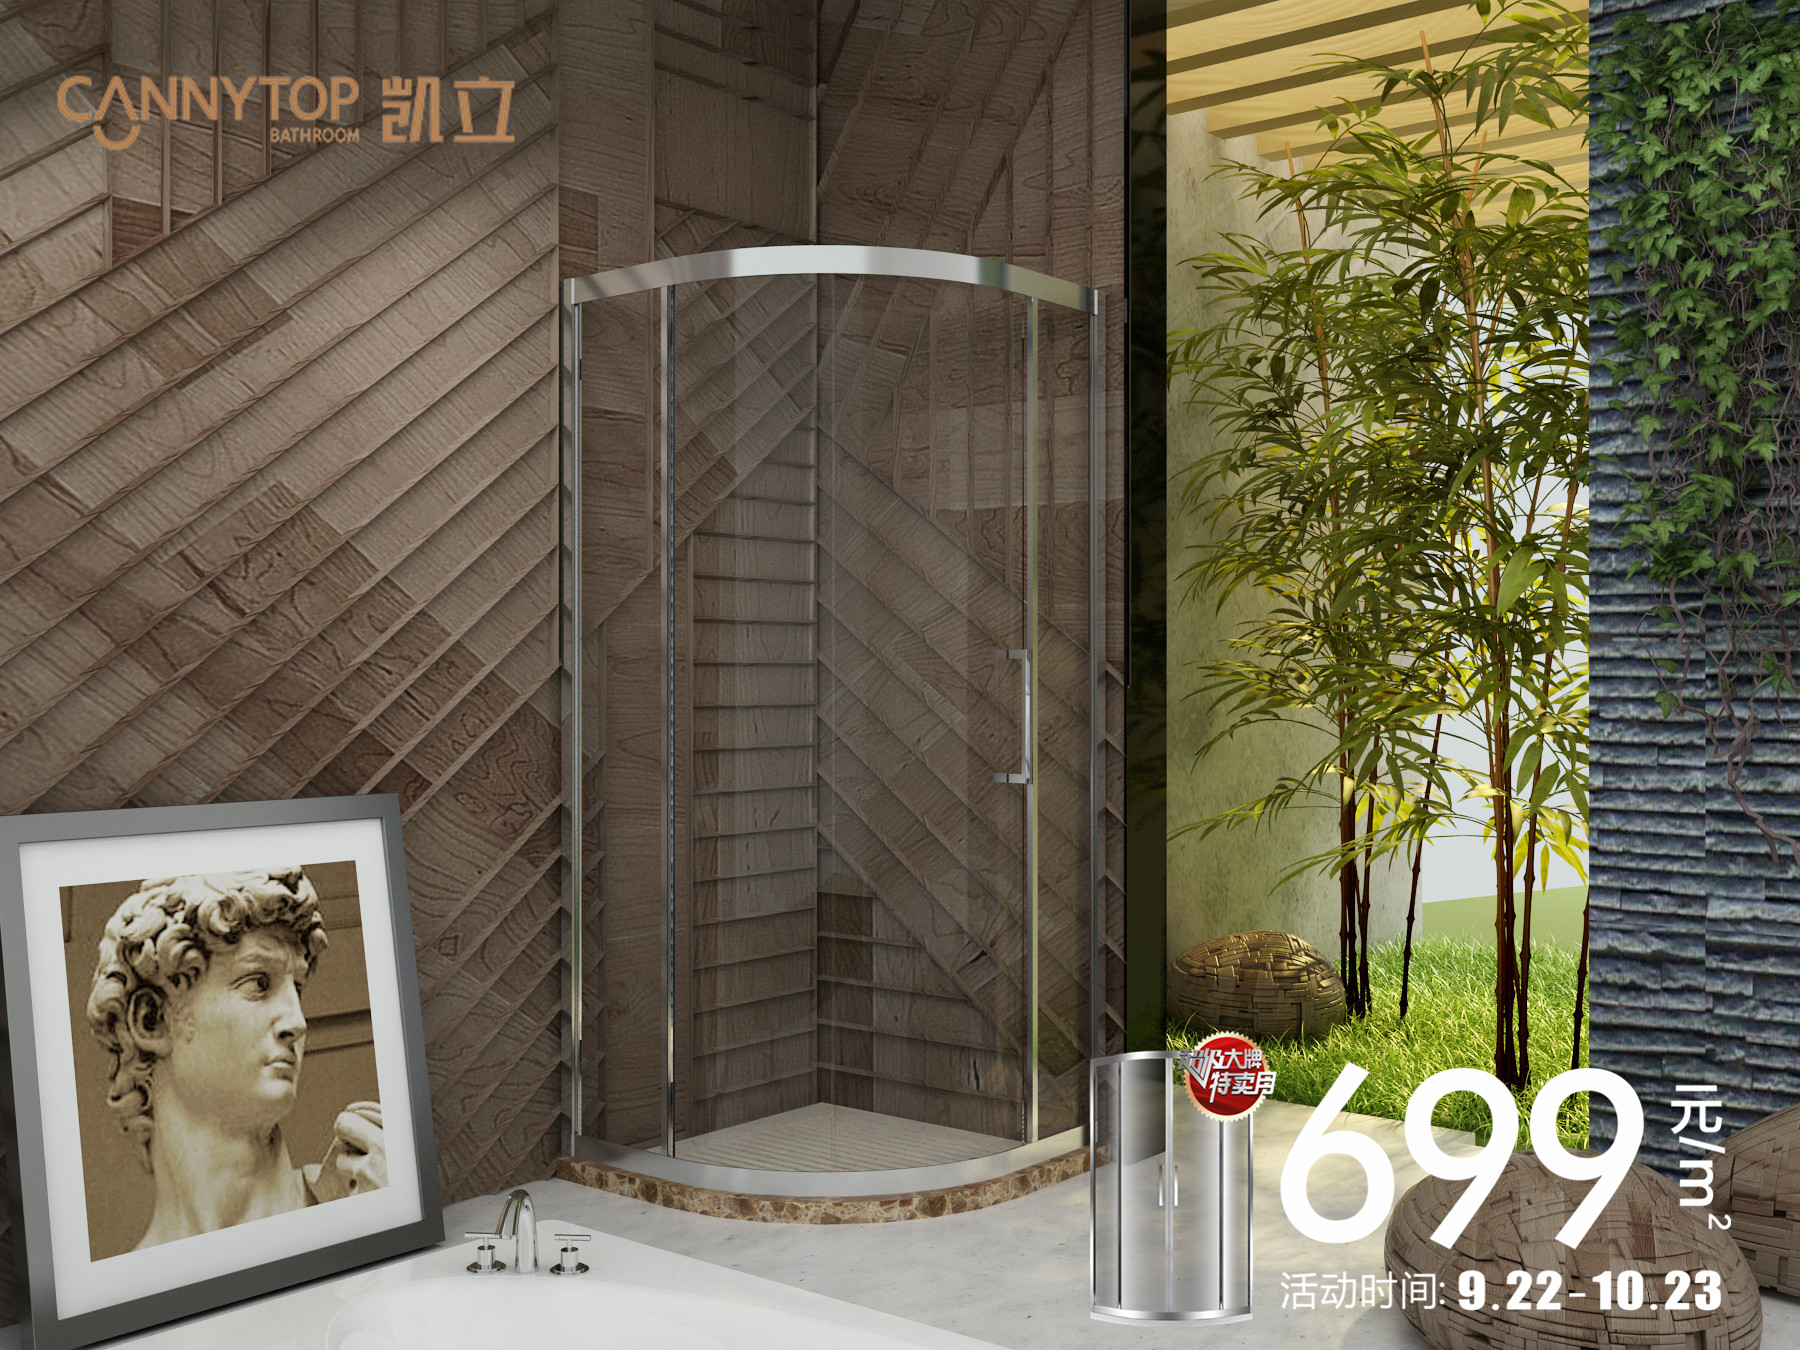 安装不锈钢淋浴房时,需要这样固定边框